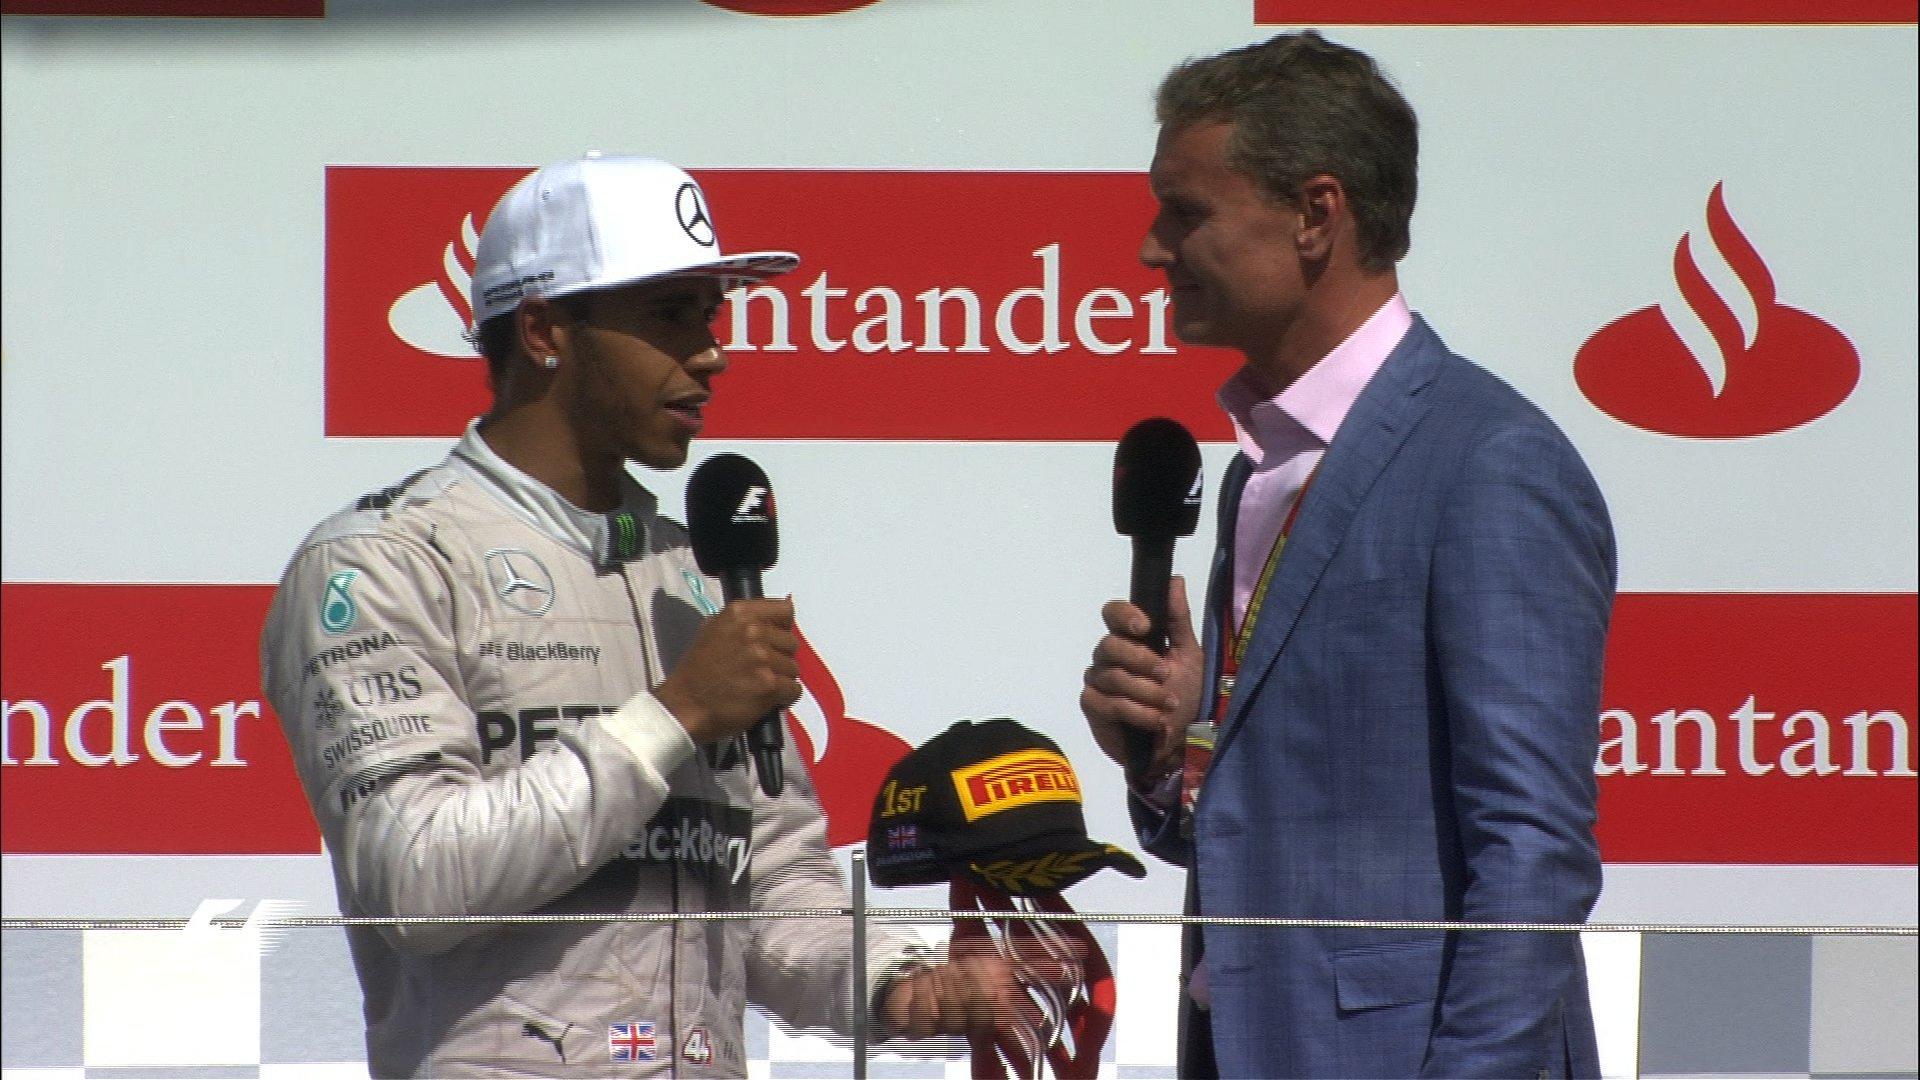 Lewis Hamilton talks to David Coulthard